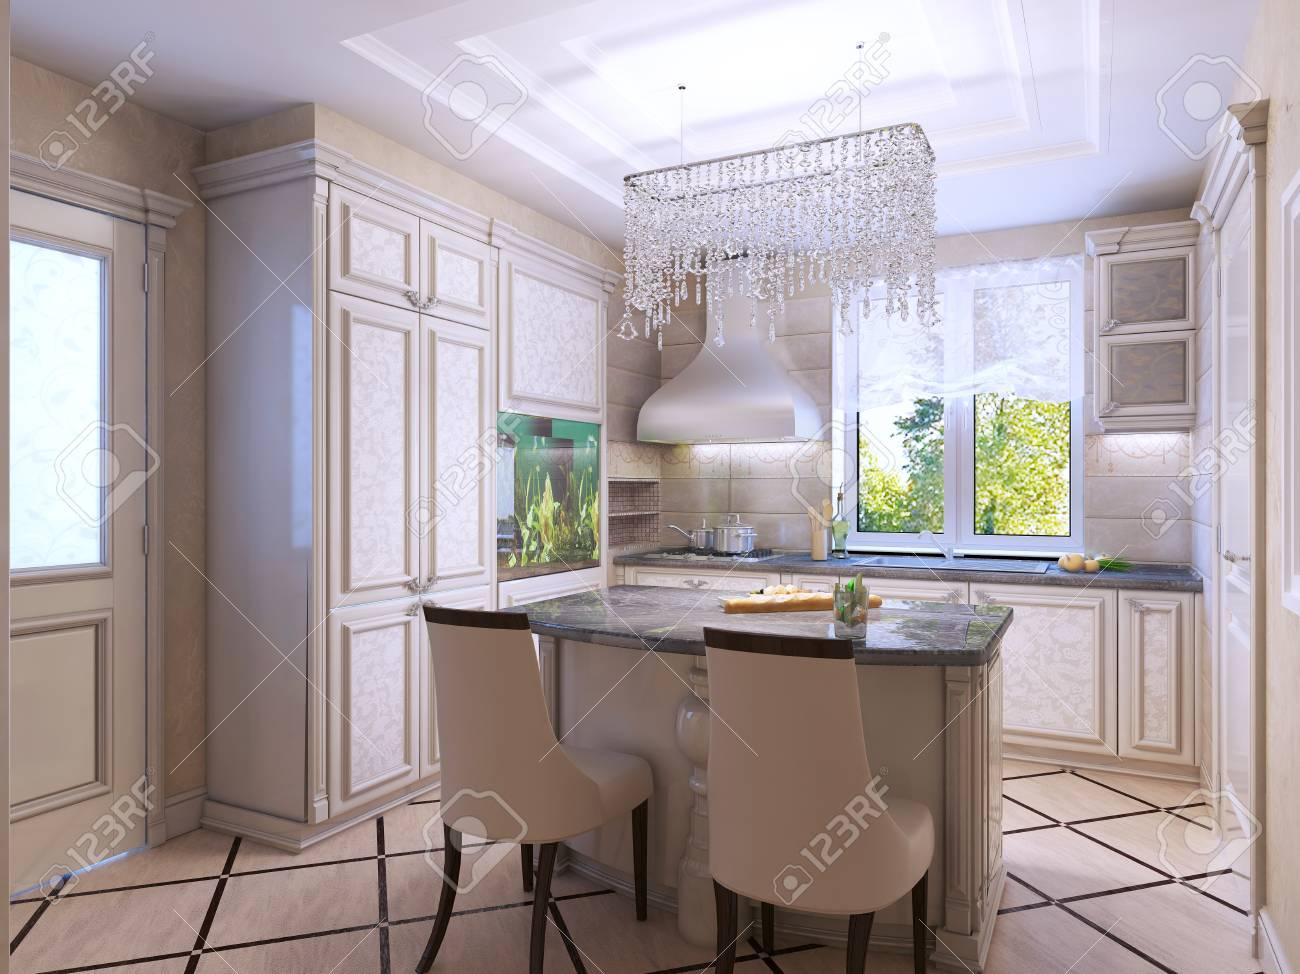 Schöne Küche Art-Deco-Stil. Frontal Gemusterten Schränke, Dunkle ...